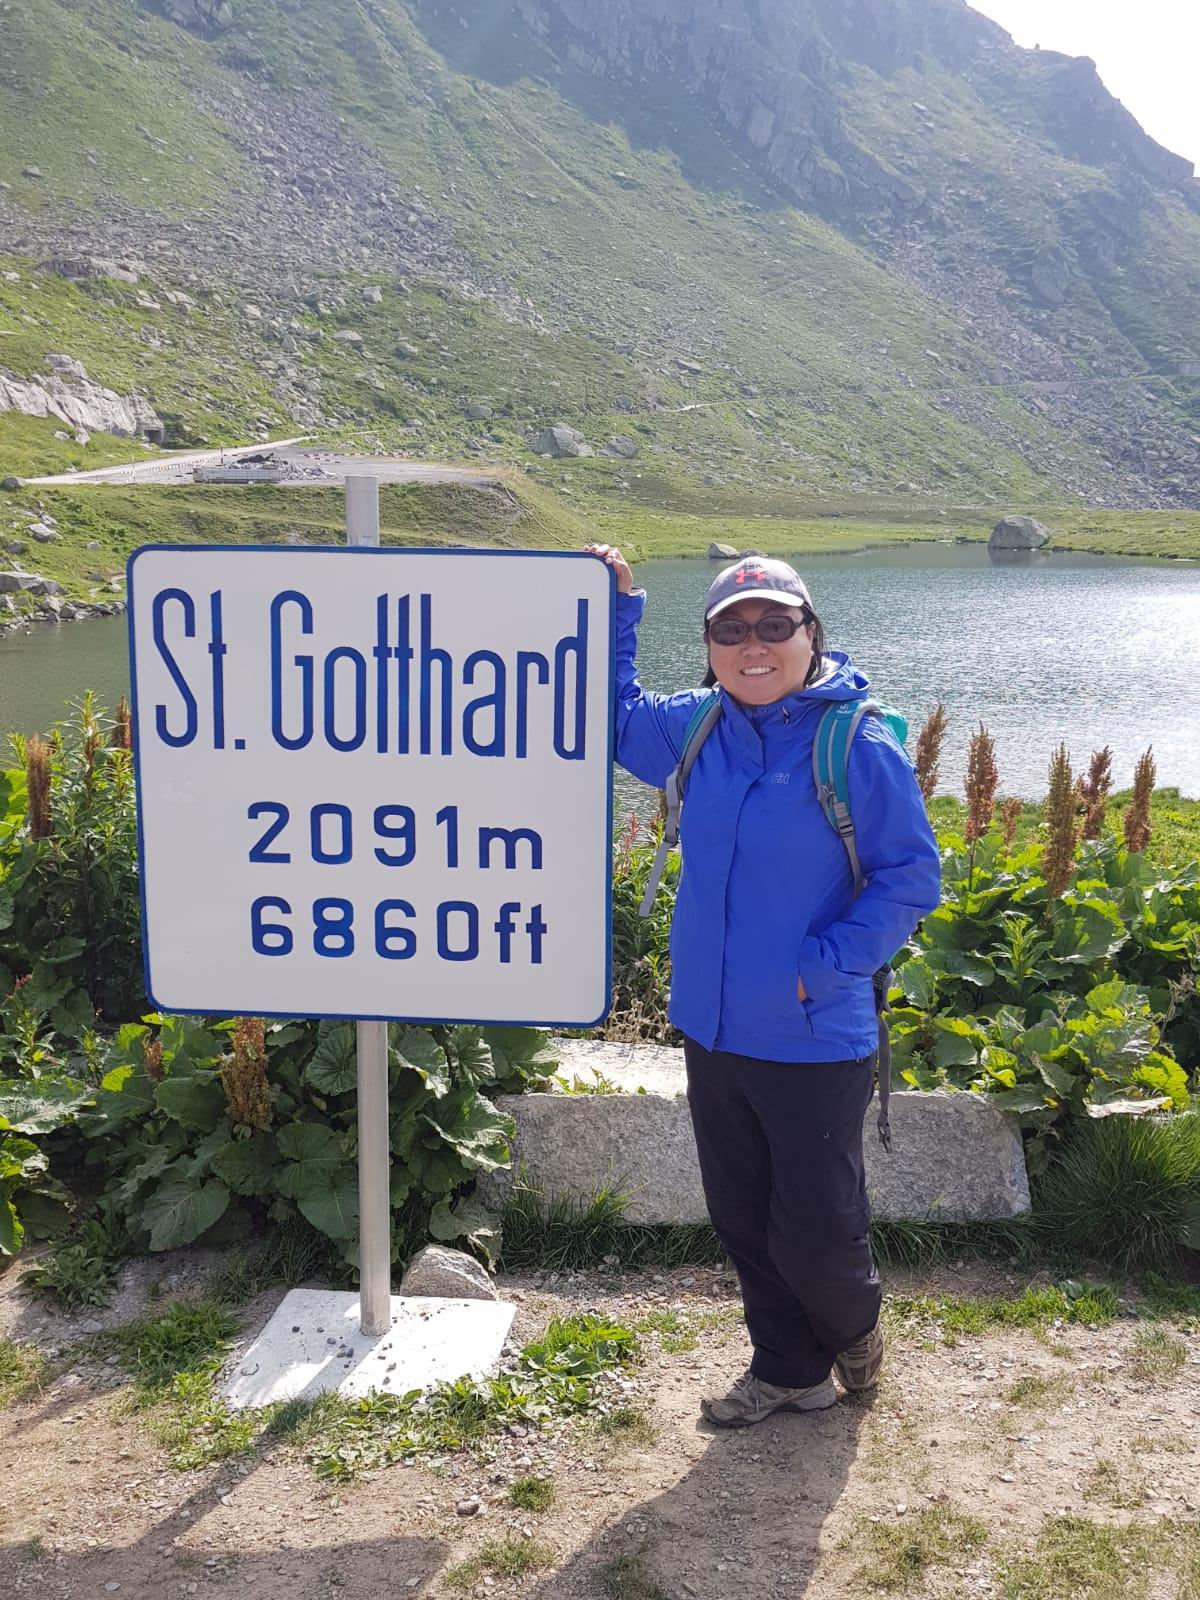 On top of St. Gotthard Pass